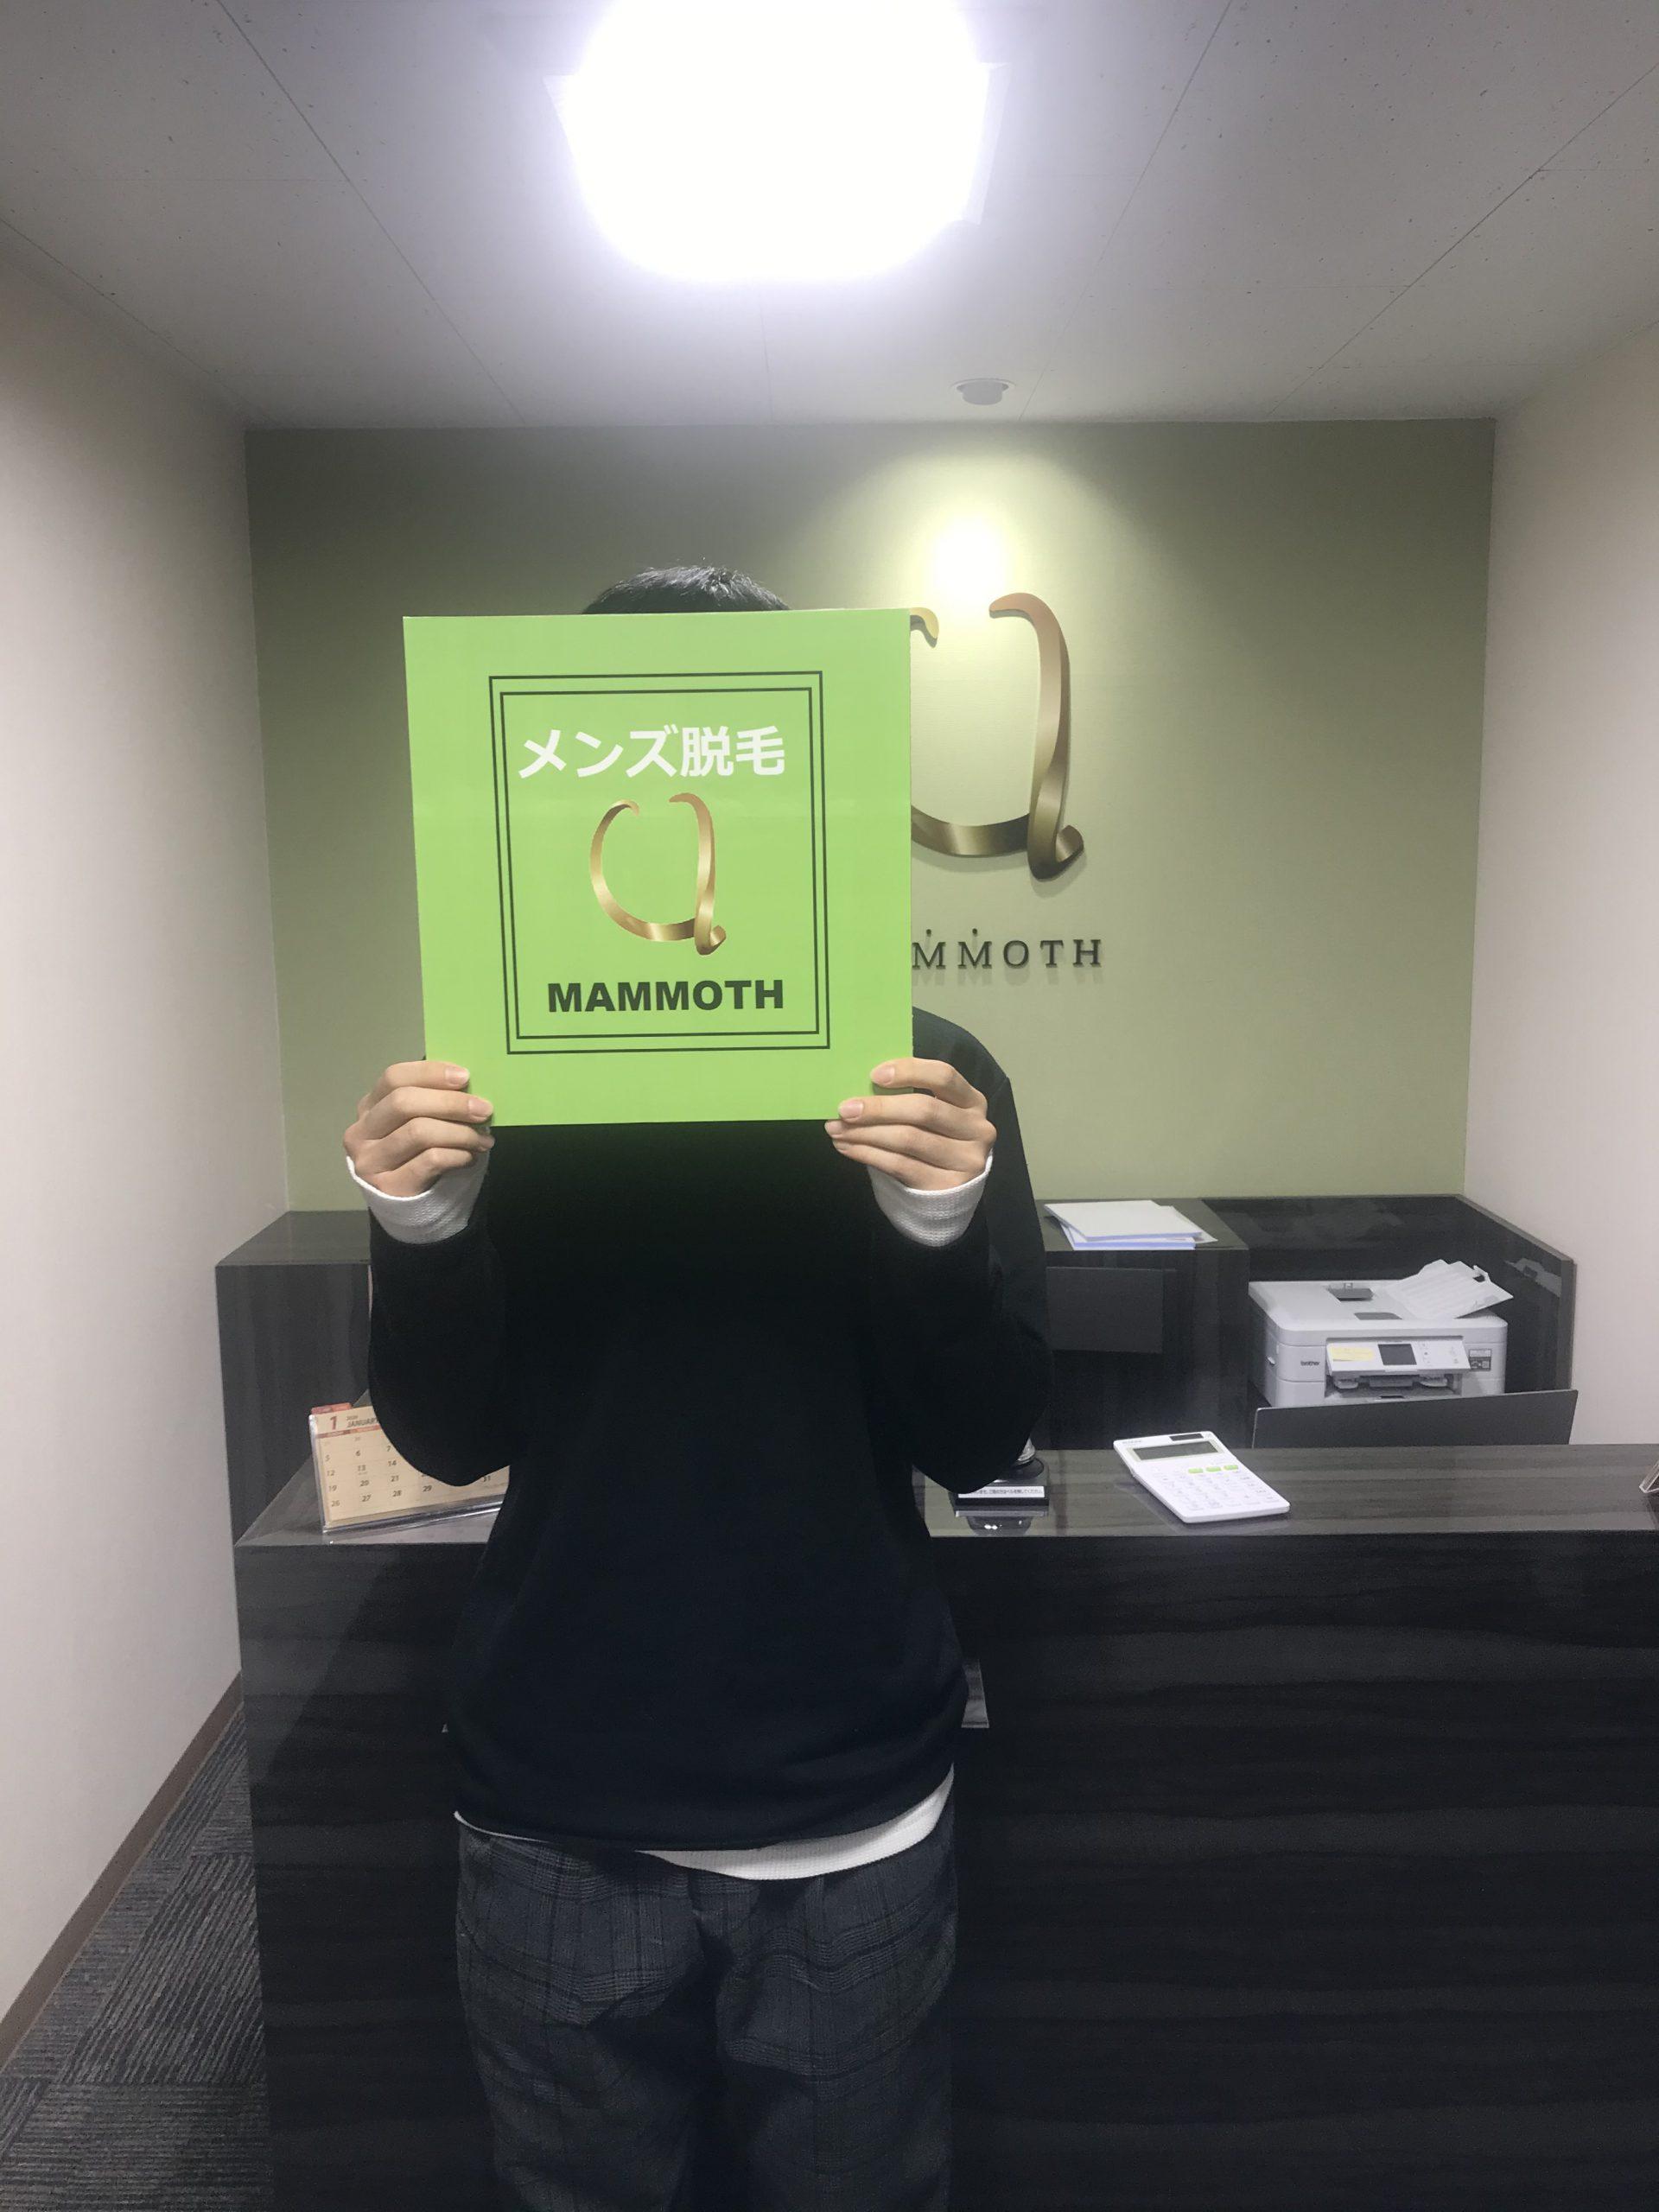 札幌メンズマンモス脱毛VIO